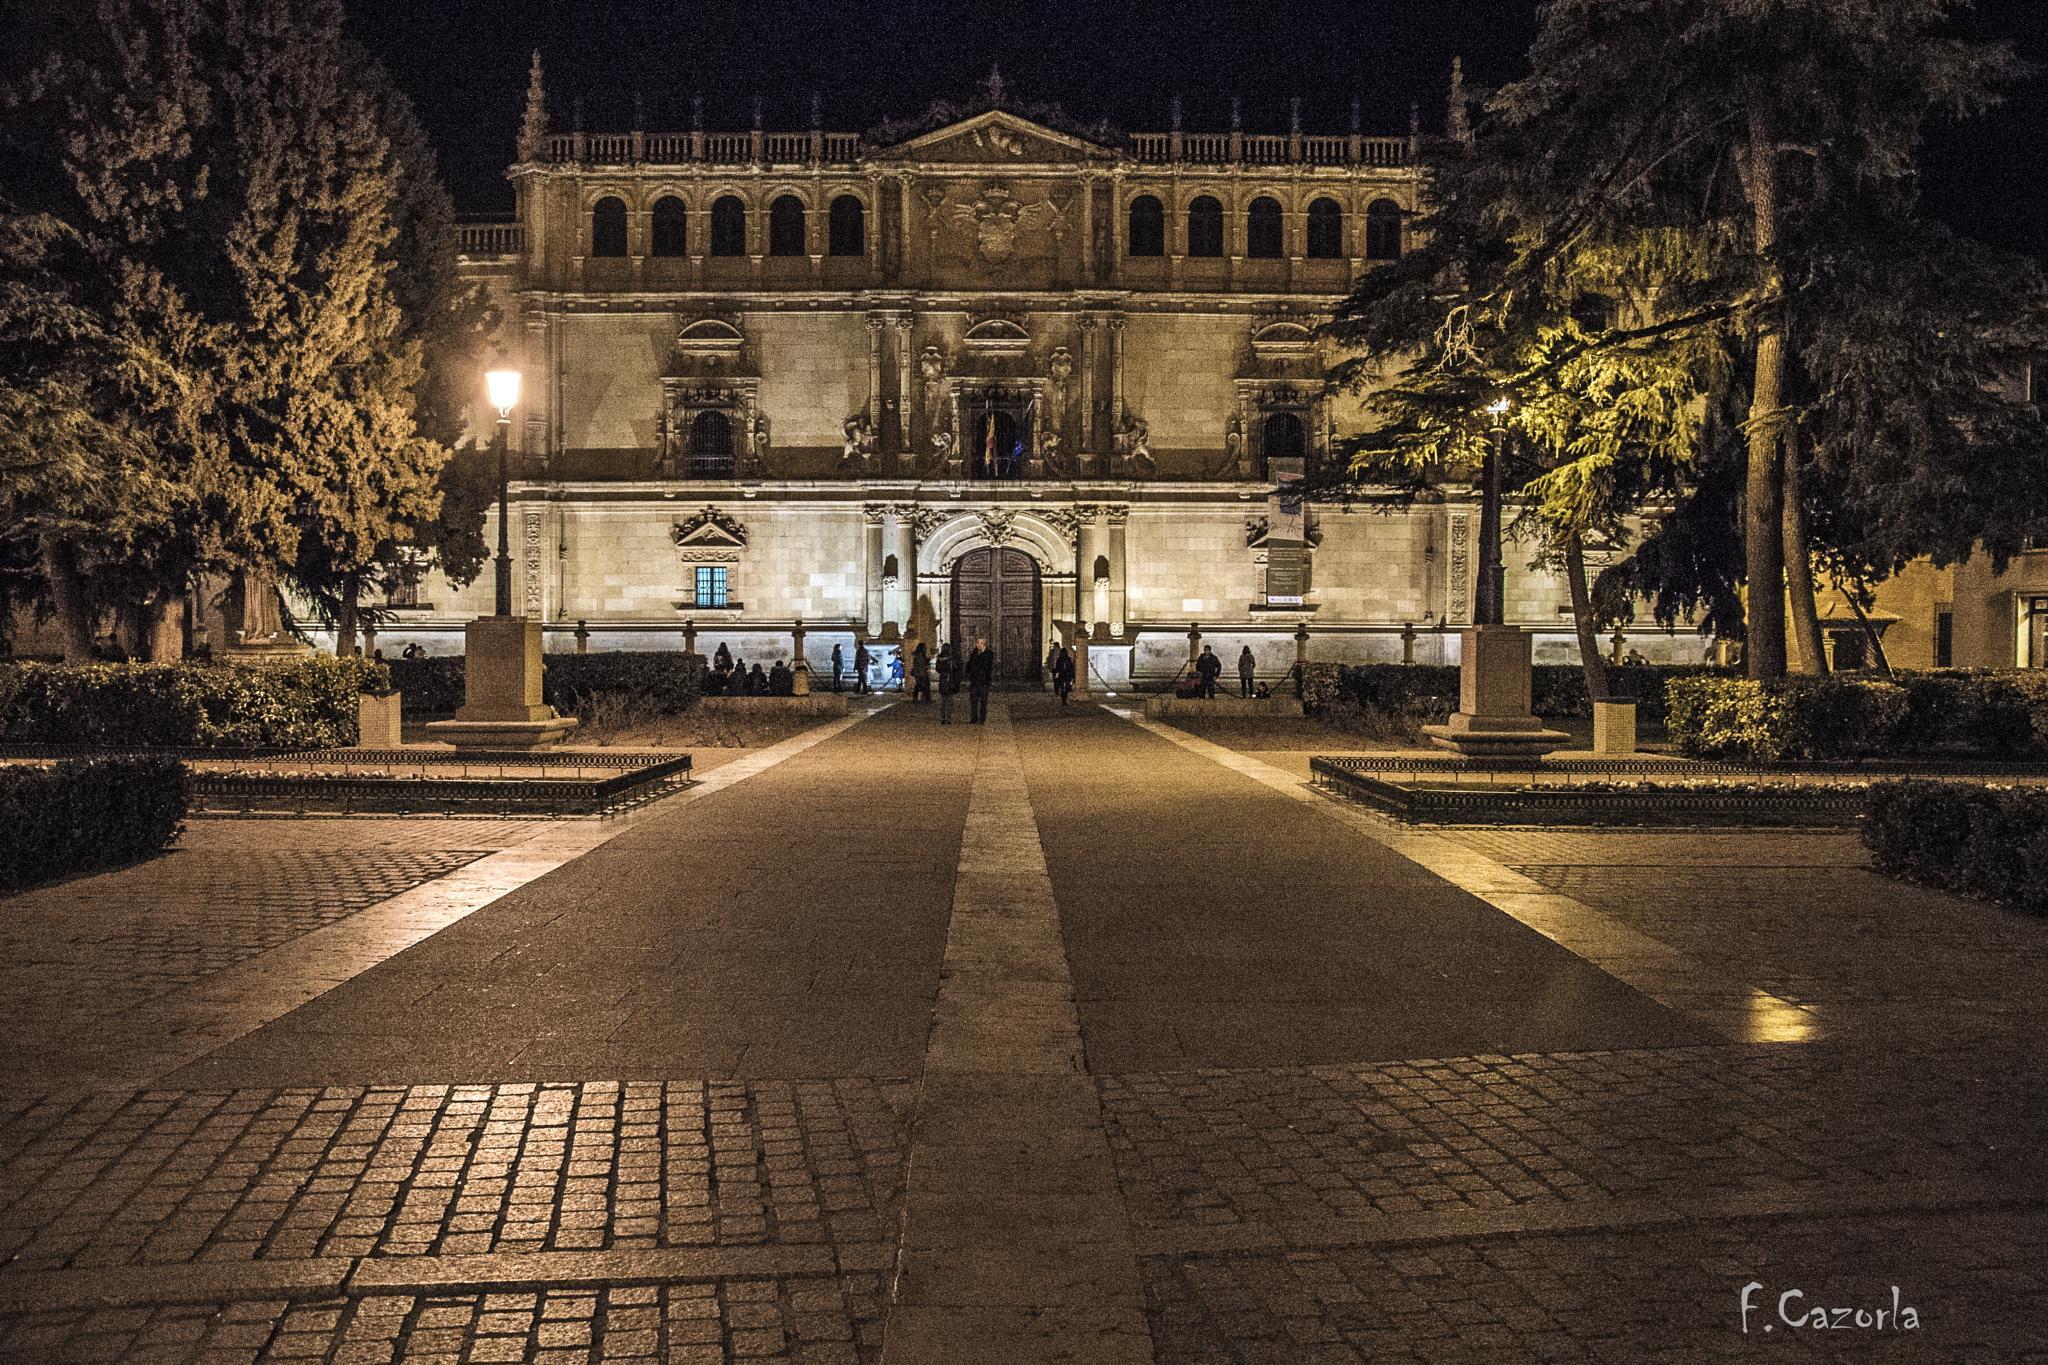 Universidad Cisneriana de Alcalá de Henares by Félix Cazorla